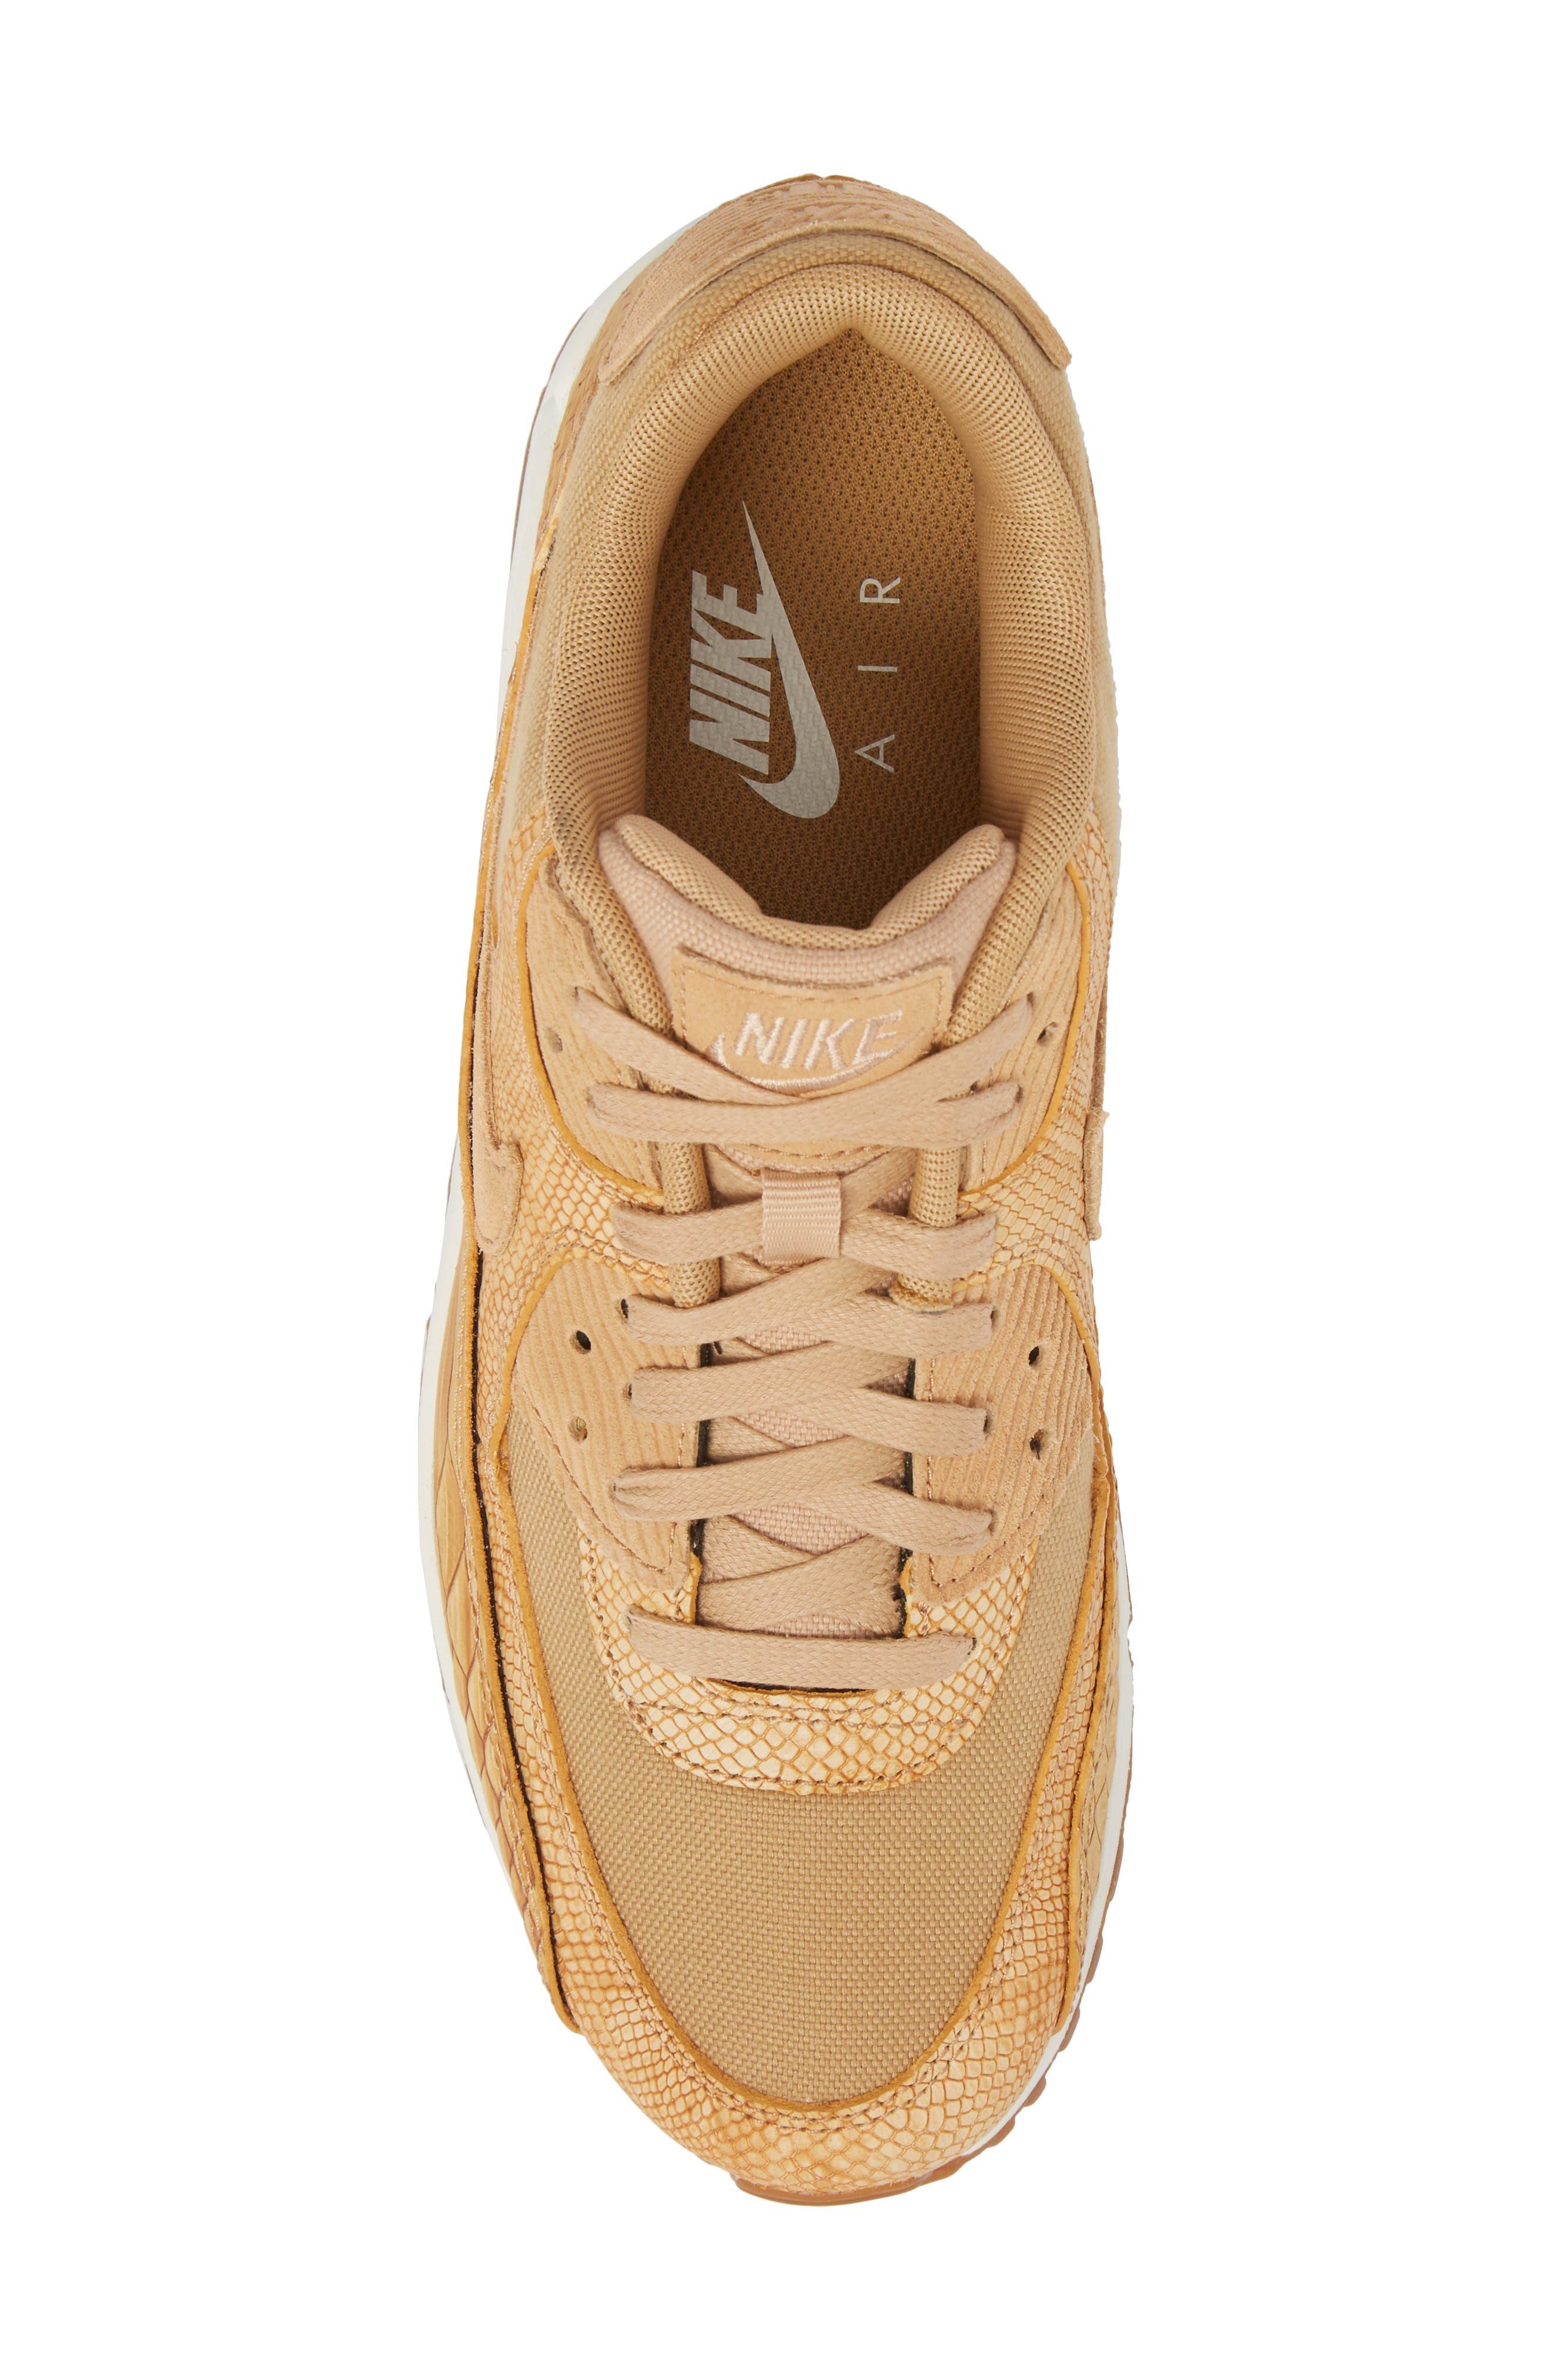 NIKE,                             Air Max 90 Premium Sneaker,                             Alternate thumbnail 5, color,                             200